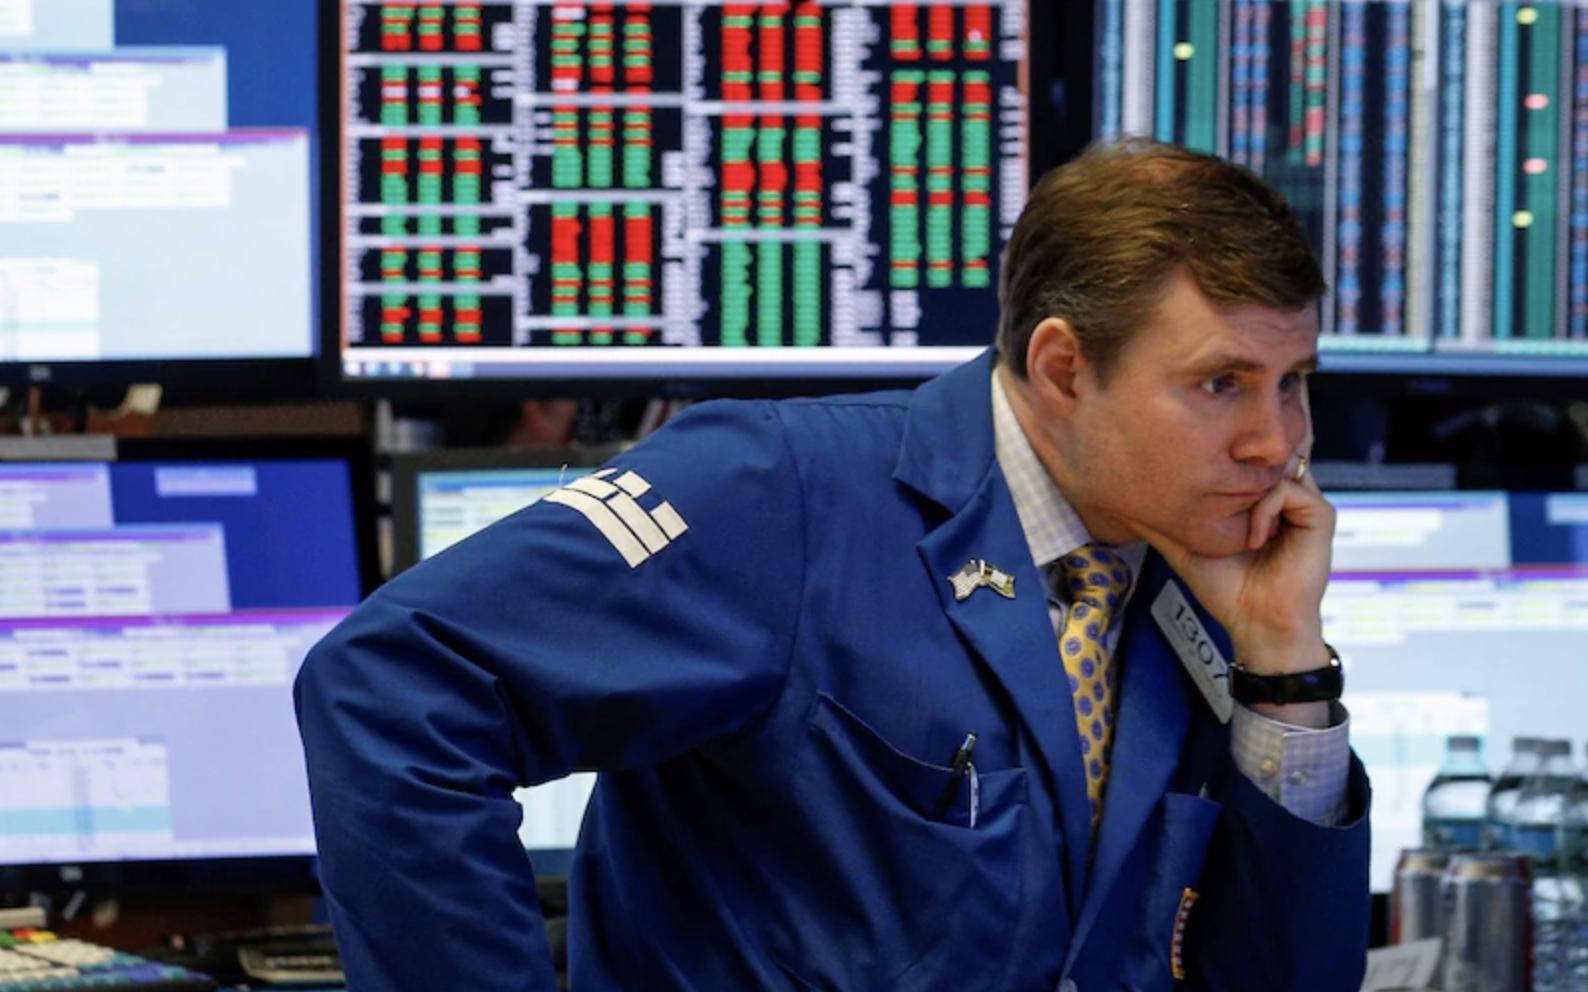 Nhà đầu tư thất vọng khi Quốc hội Mỹ chưa thông qua gói kích thích kinh tế lớn, Dow Jones đóng cửa ở mức thấp nhất trong gần 4 năm